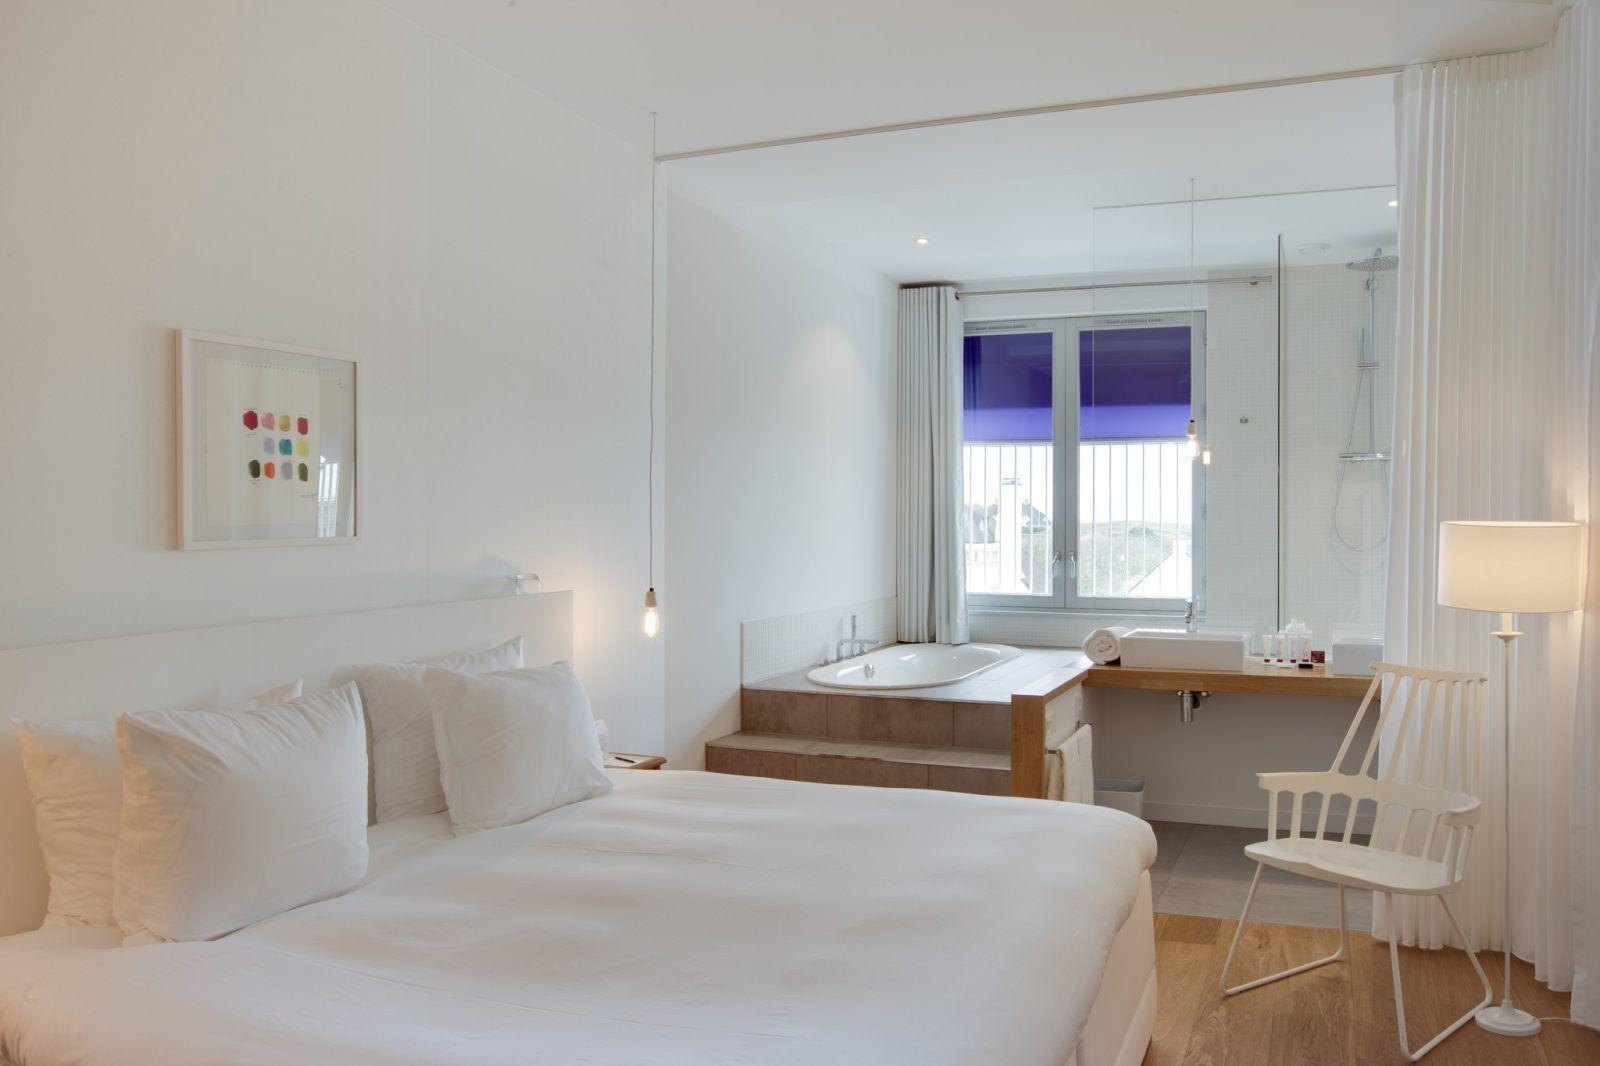 Vesper hotel, hotspot, Noordwijk, Karlijn Visser